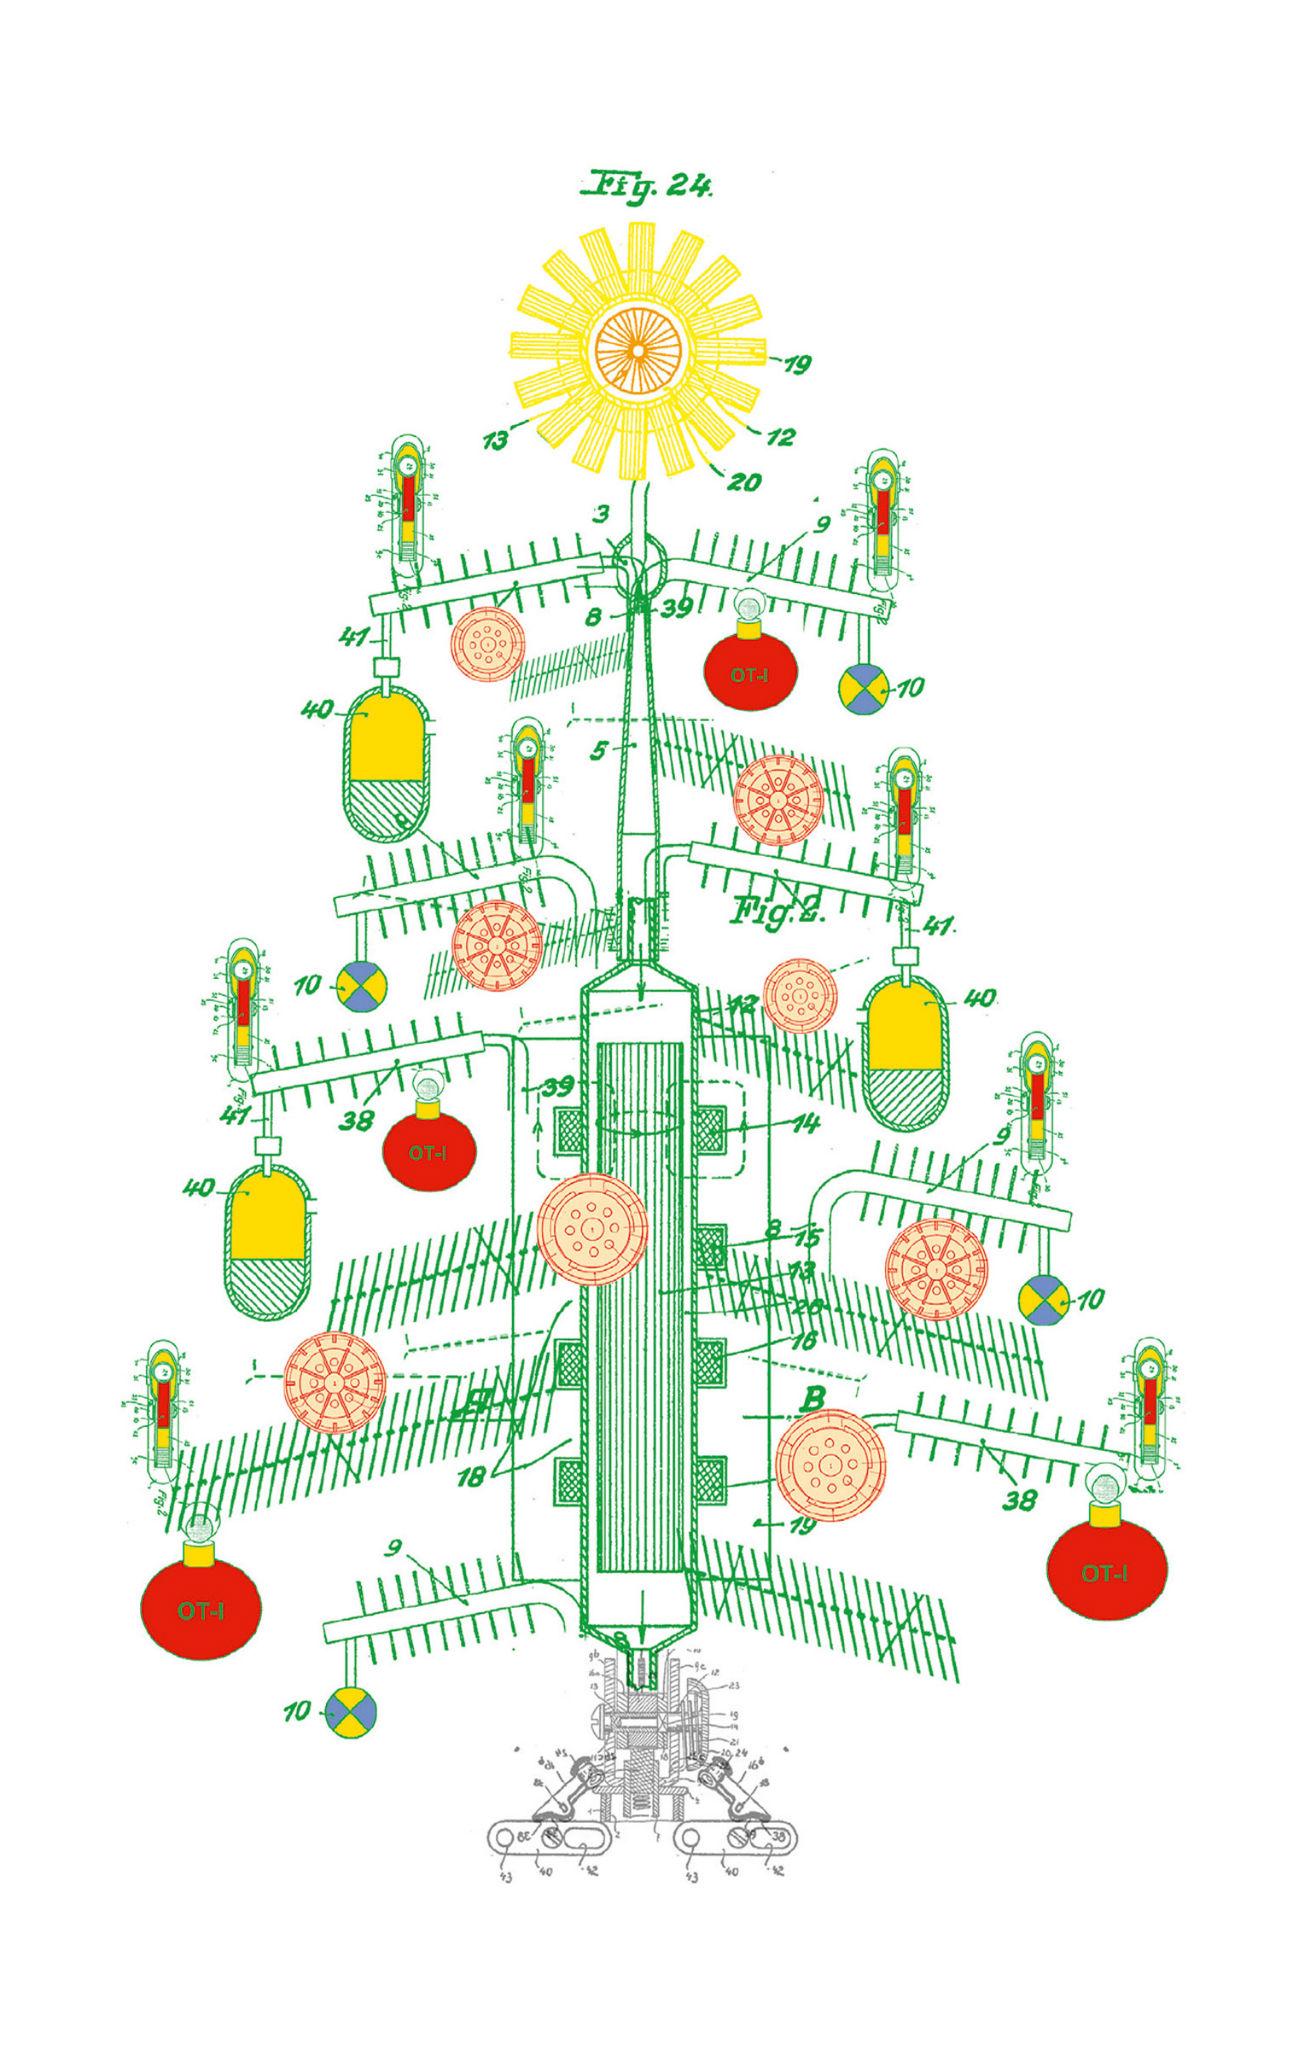 Kleon Medugorac Christmas Card Nikolai Gauss 2012